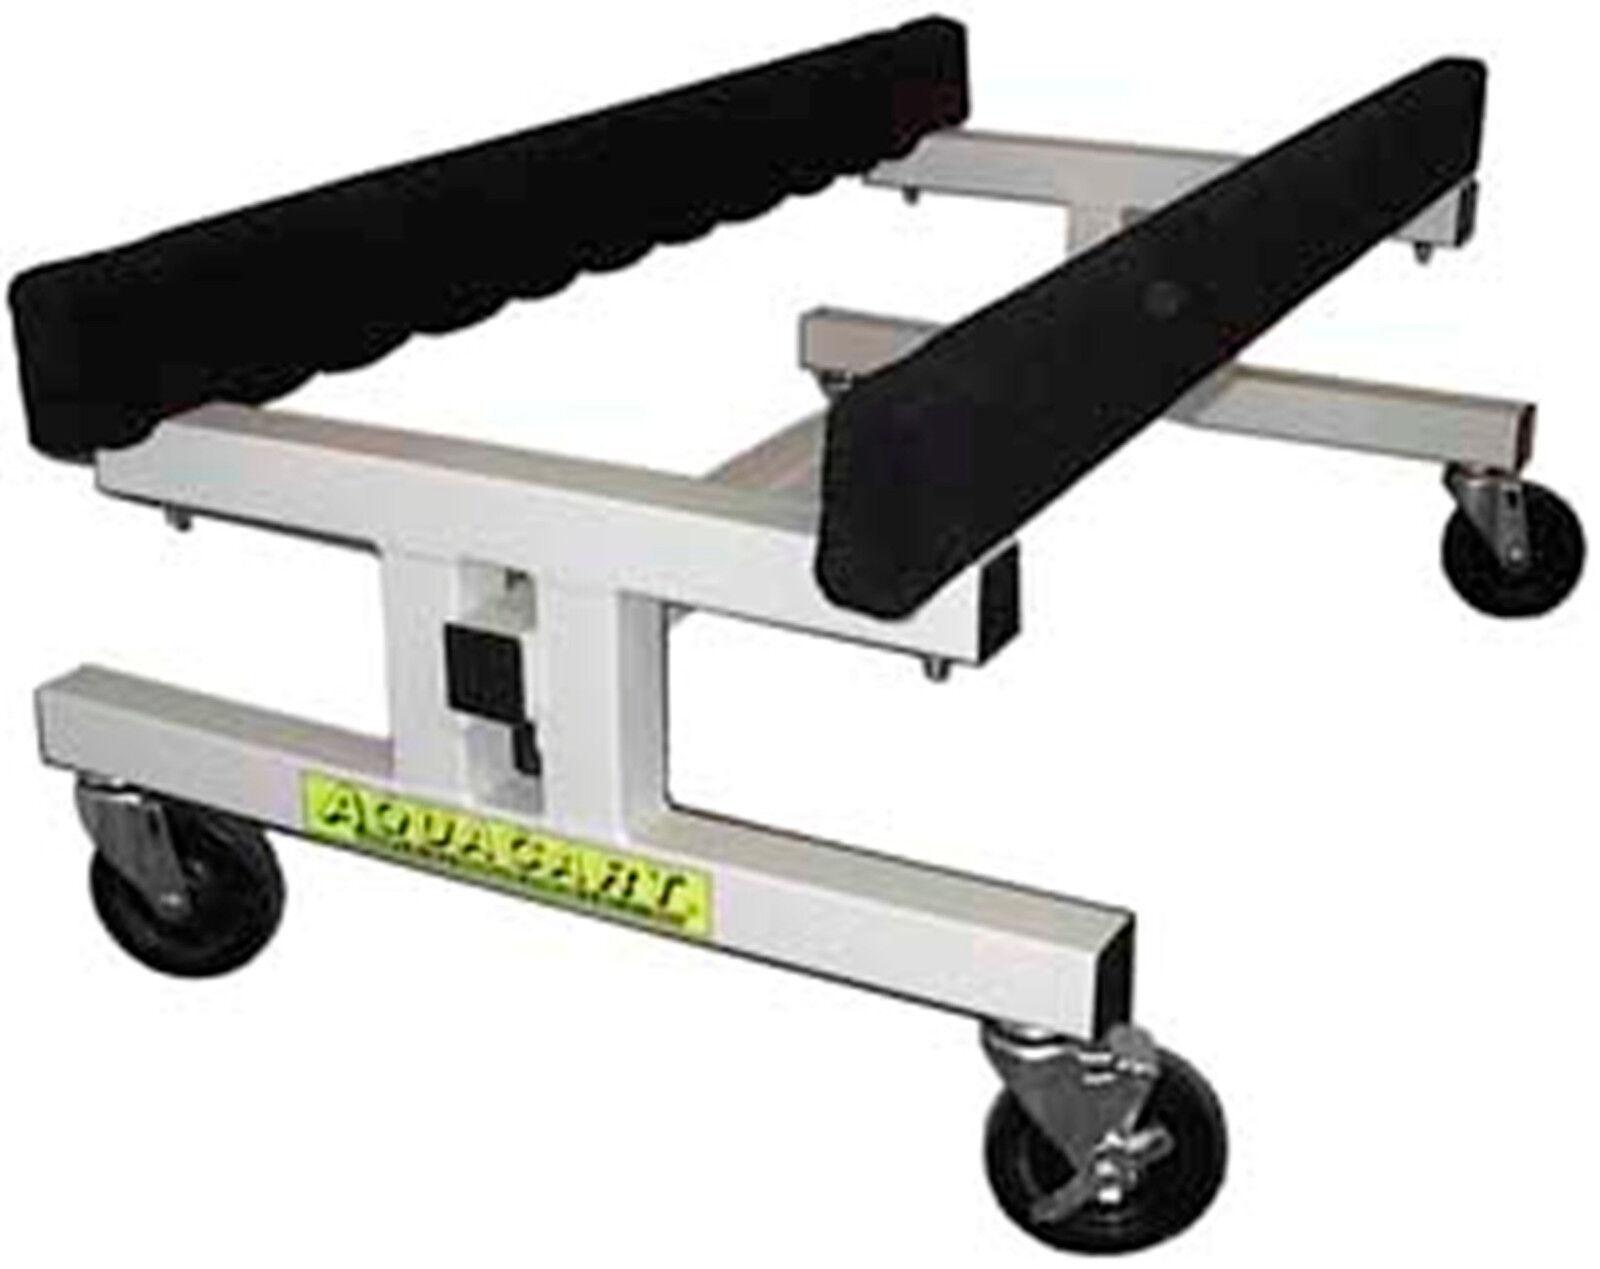 Jet Ski Ski-Doo Alle Pwc mit Aufbewahrungs Dolly mit Pwc Bremsen Aquacart 1100lb 99858b